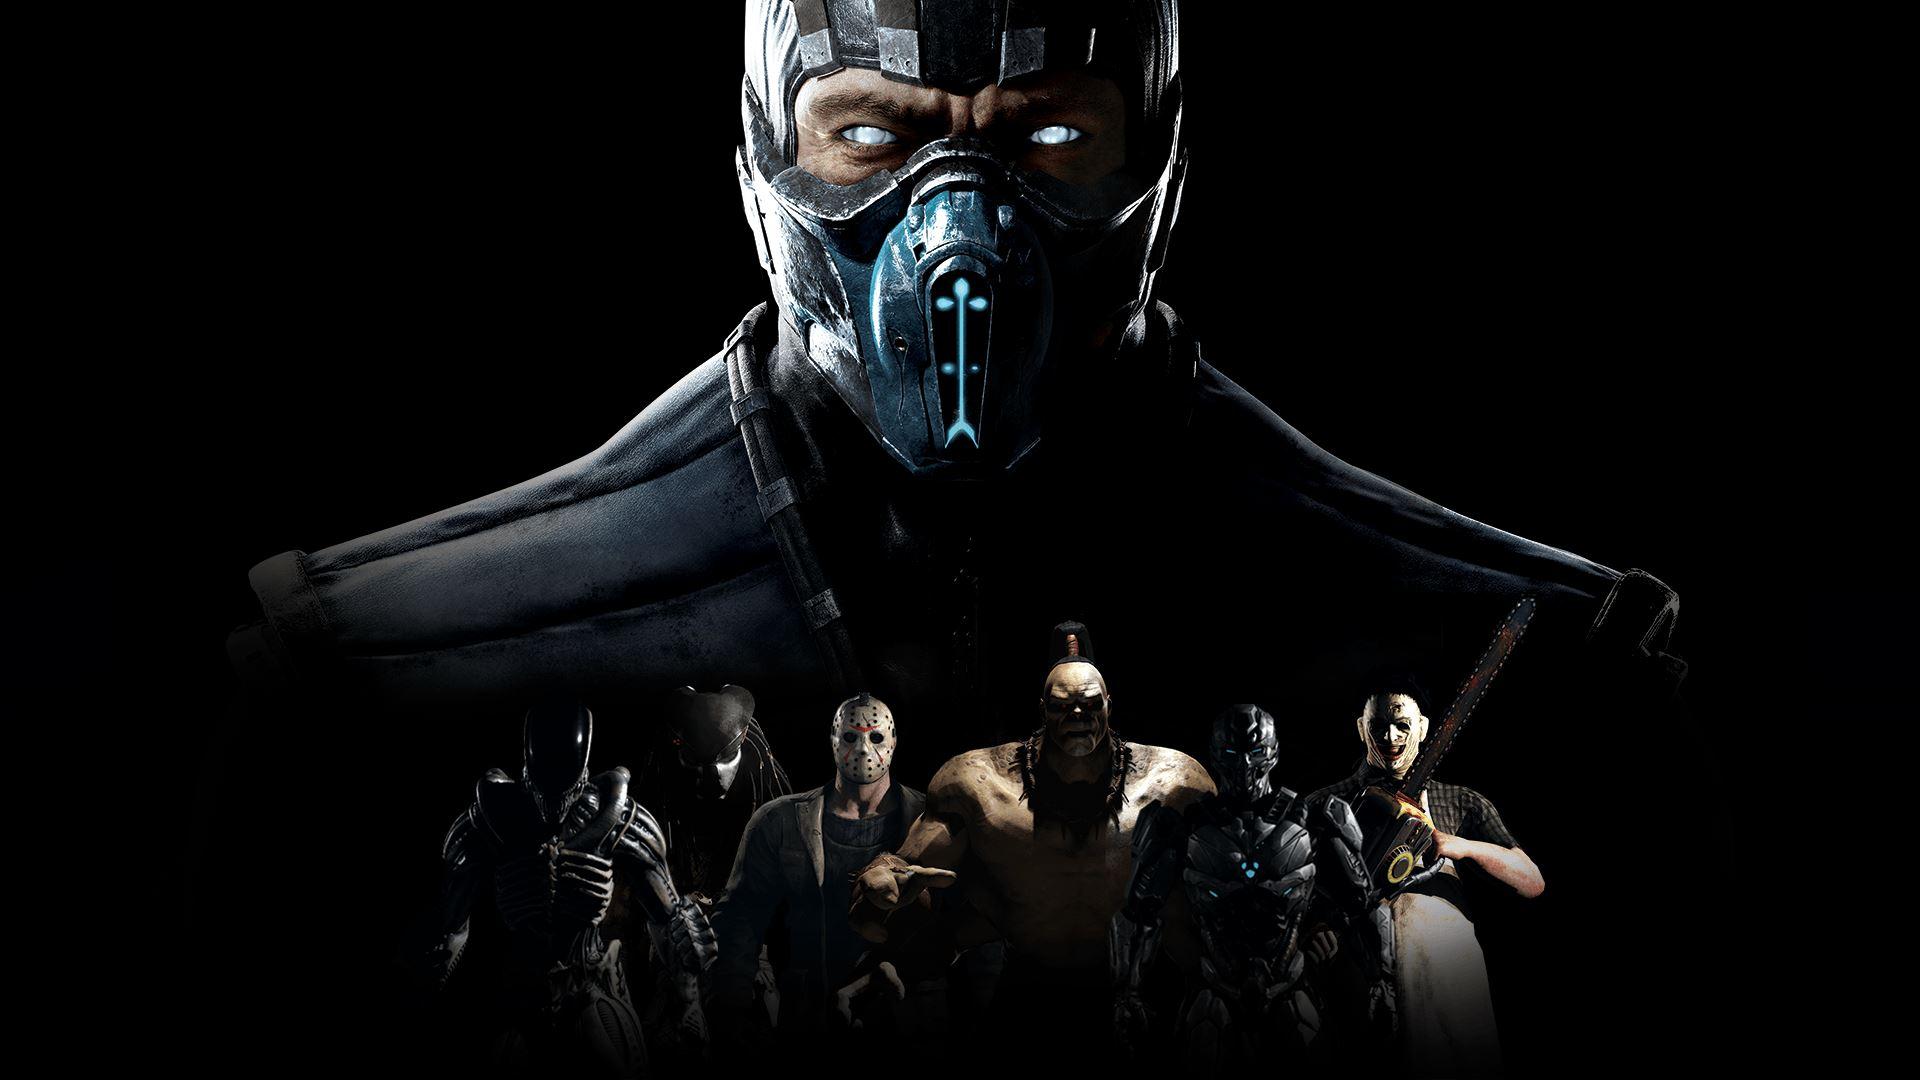 Anunciado um novo filme de Mortal Kombat